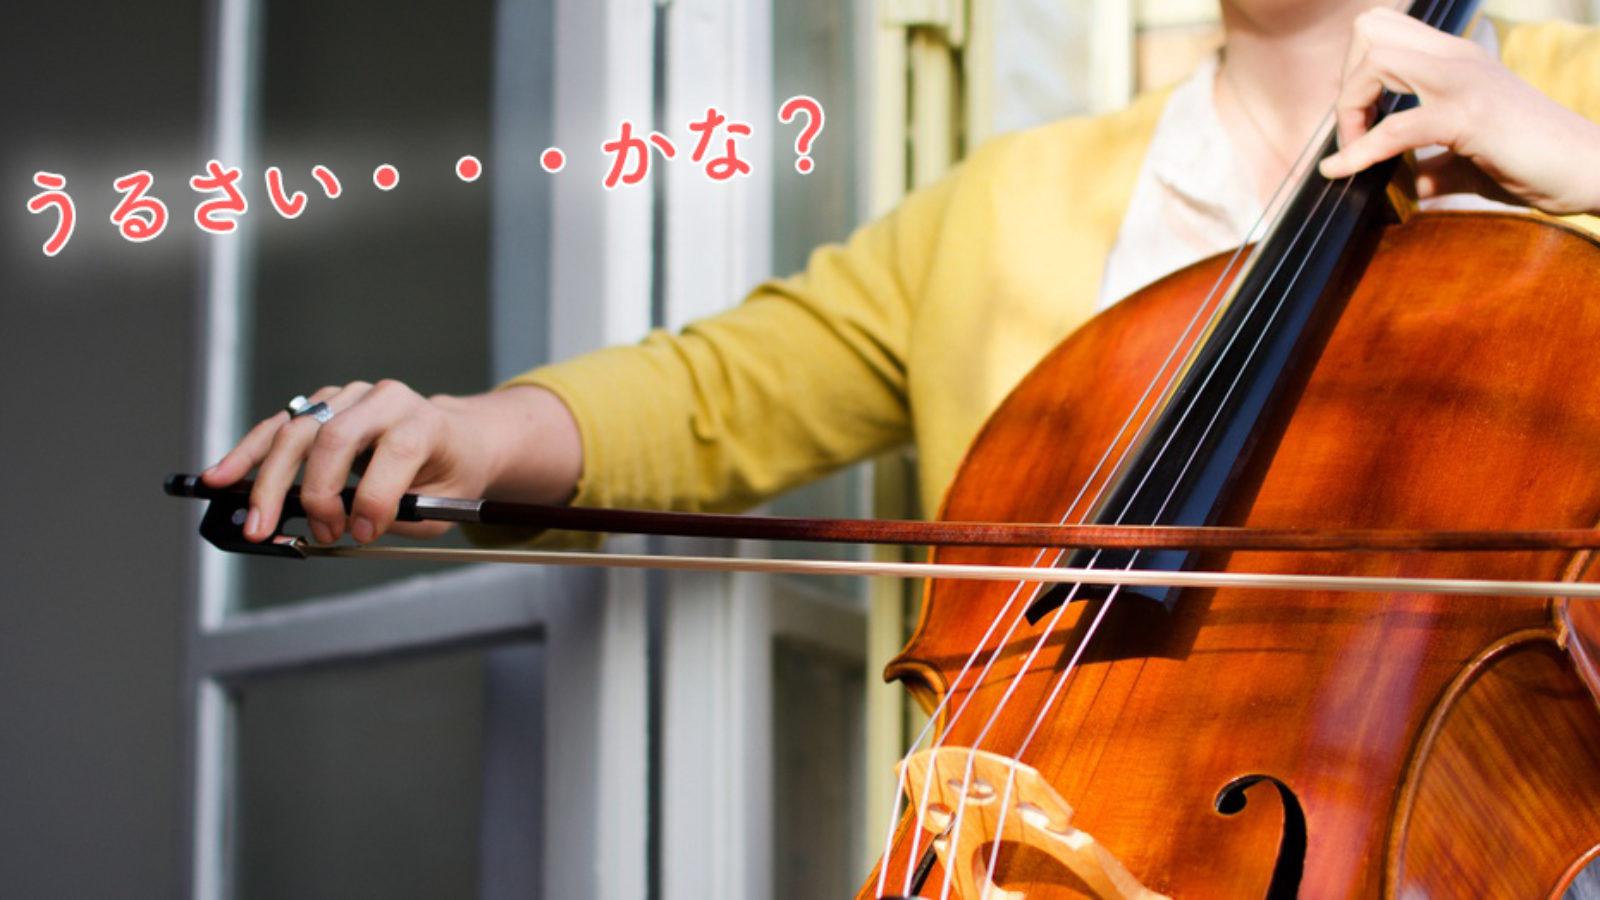 【チェロの練習場所と防音対策】みんなどうしてるの?口コミを徹底調査!